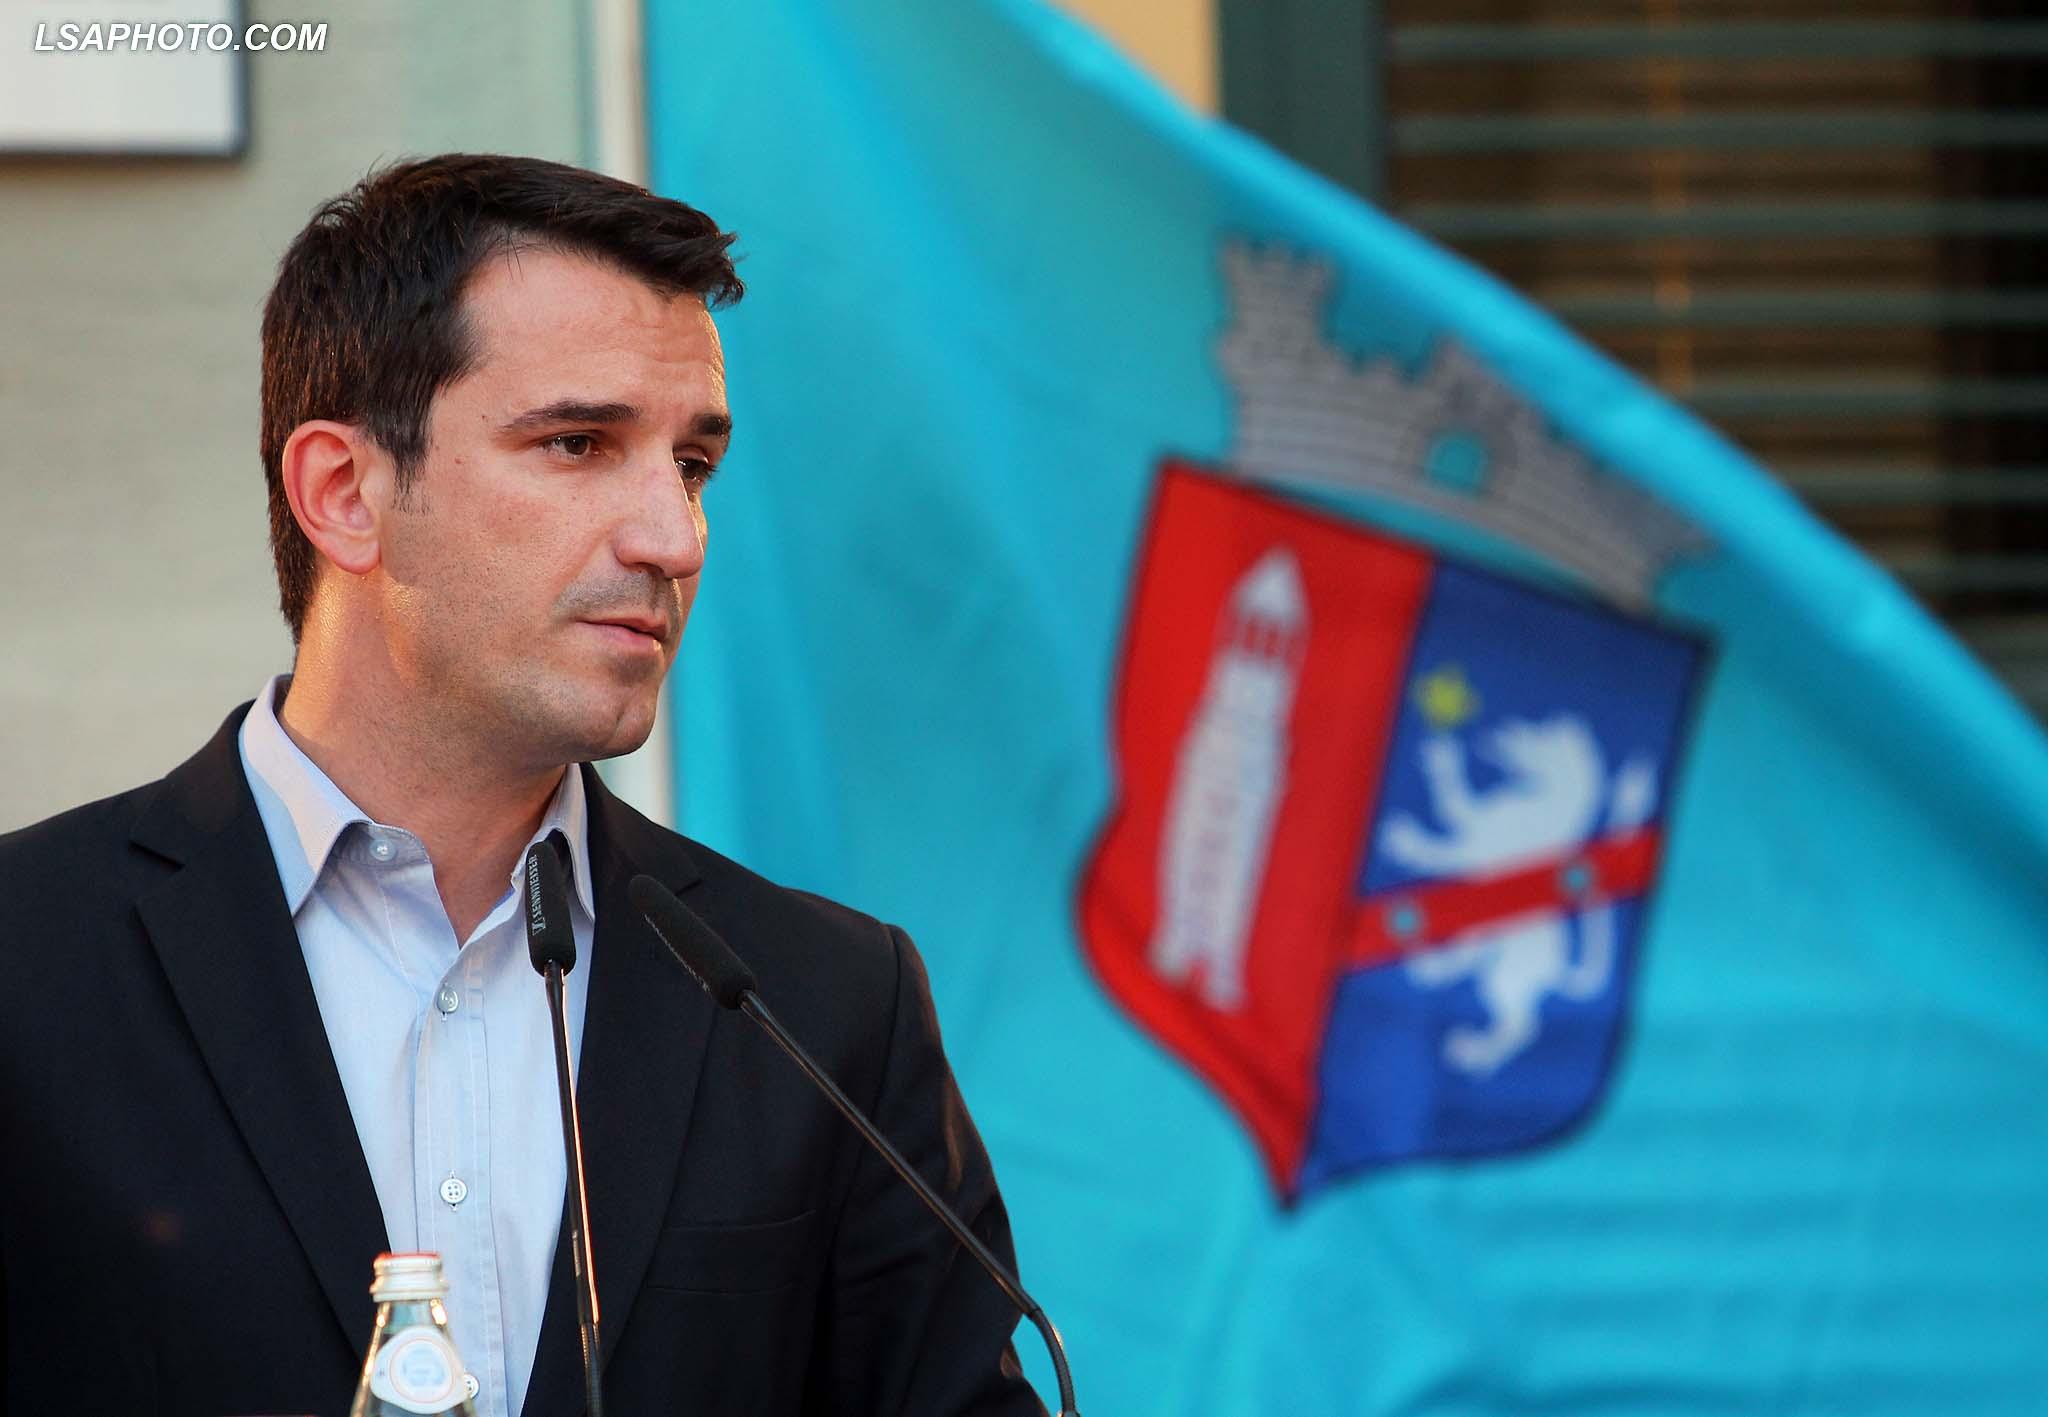 Kryetari i ri i Bashkise se Tiranes, Erion Veliaj, duke folur gjate ceremonise se prezantimit te 24 administratoreve te rinj te Bashkise se Tiranes./r/n/r/nMayor of Tirana, Erion Veliaj, speaks during presentation of 24 new administrators of the Municipality of Tirana.